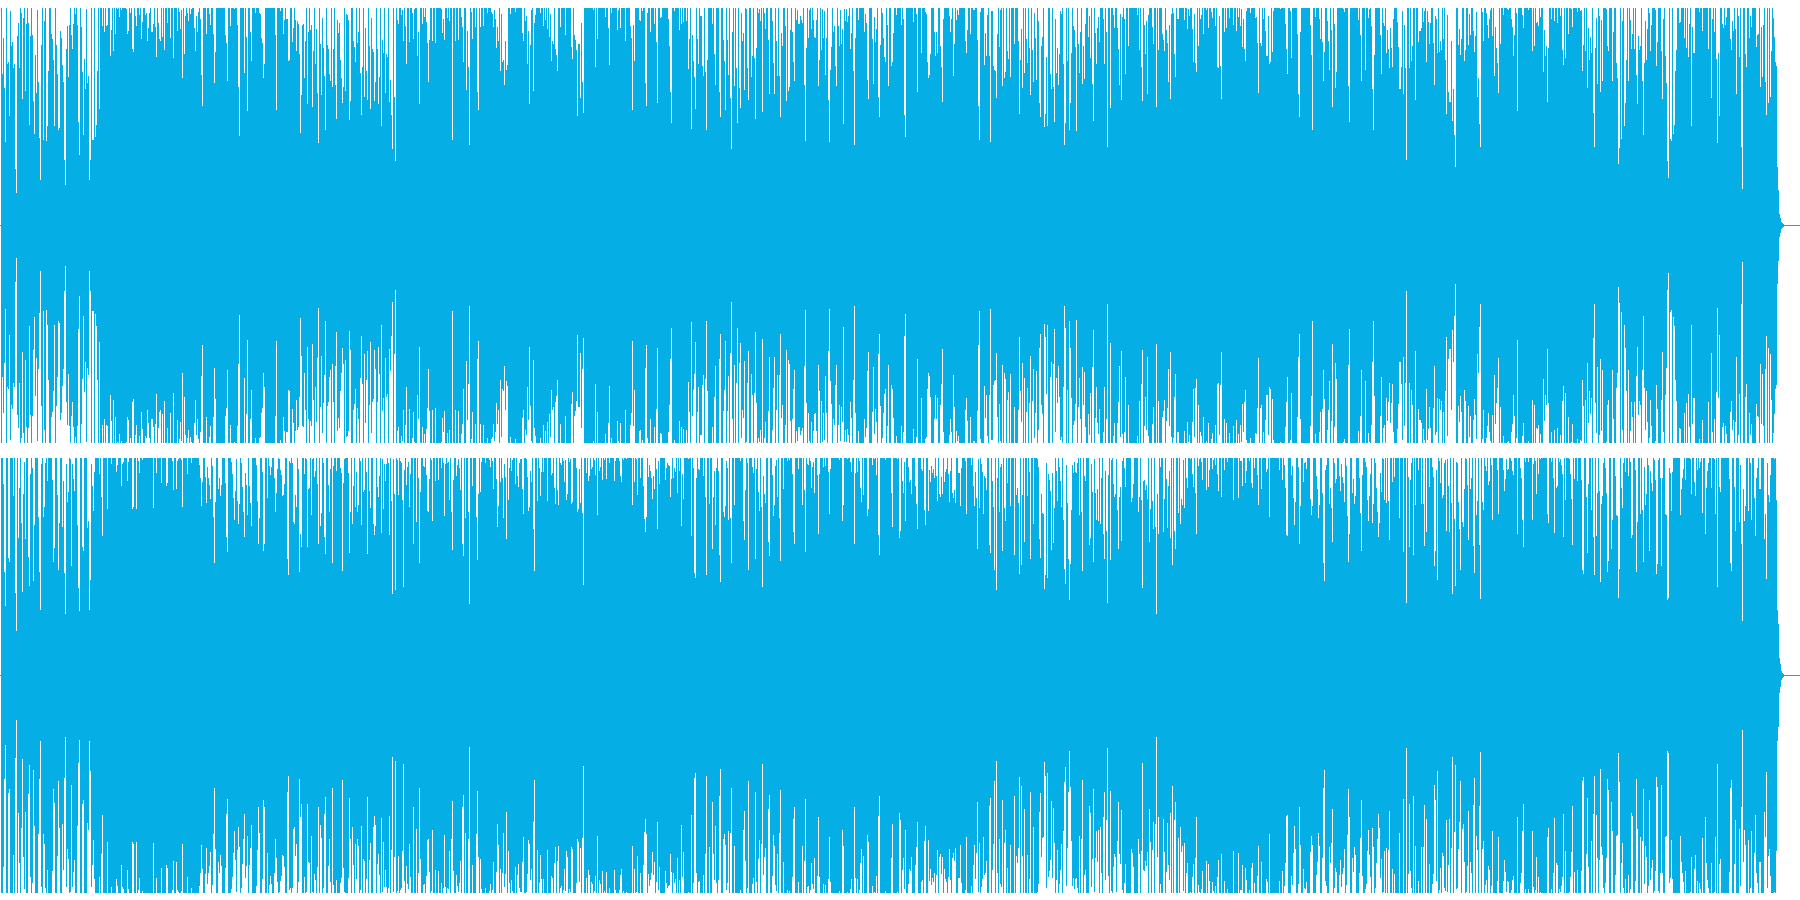 ドラマなどにある壮大なオーケストラ楽曲の再生済みの波形